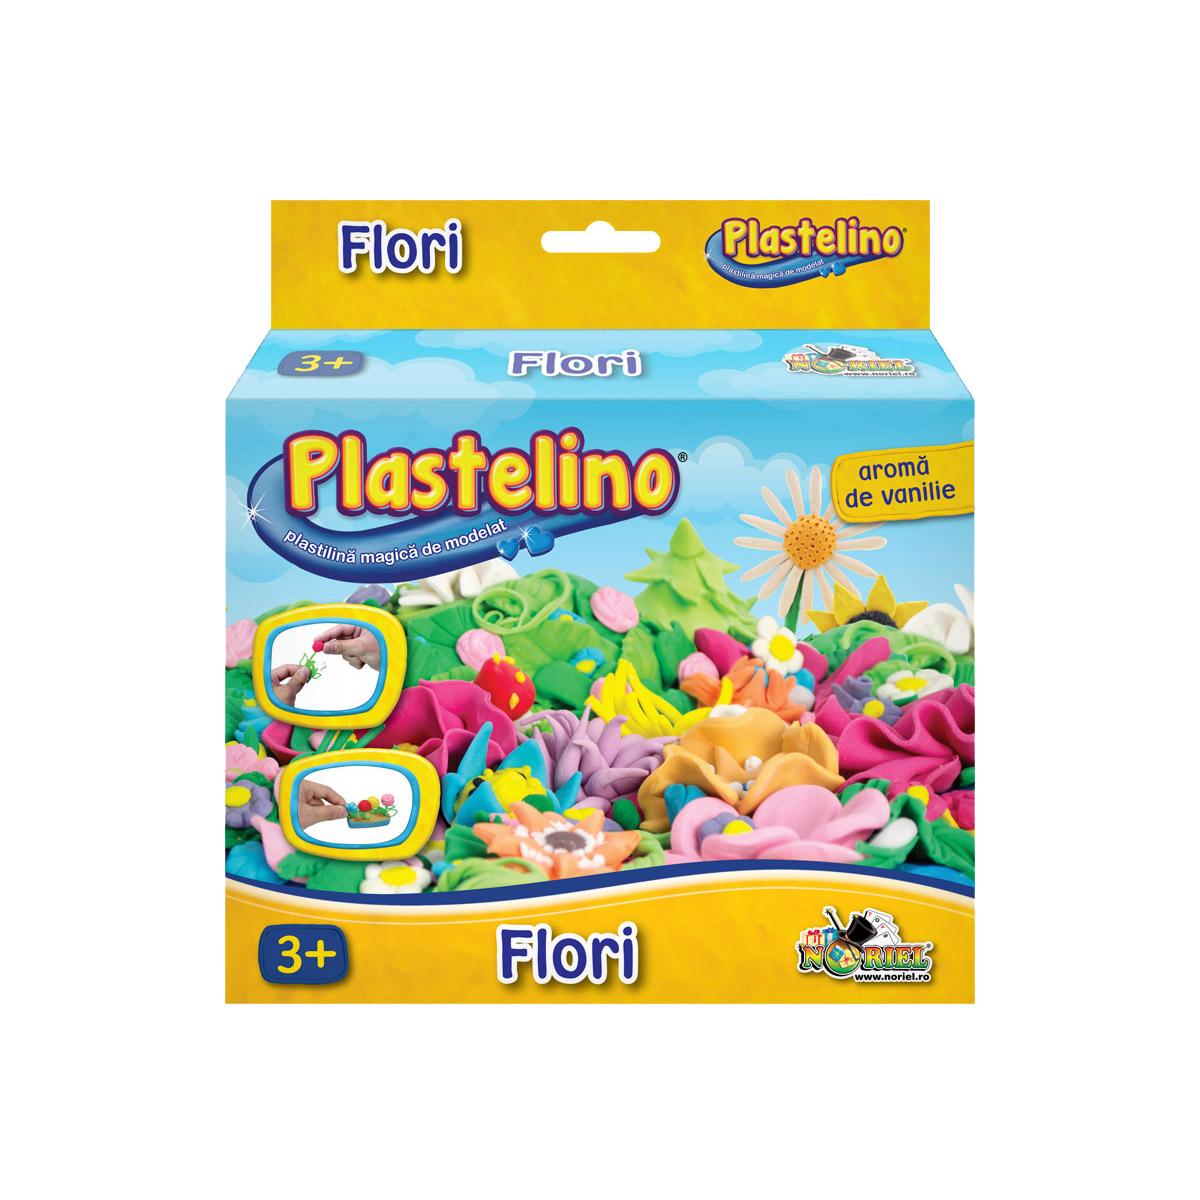 Plastelino - Flori de plastilina II